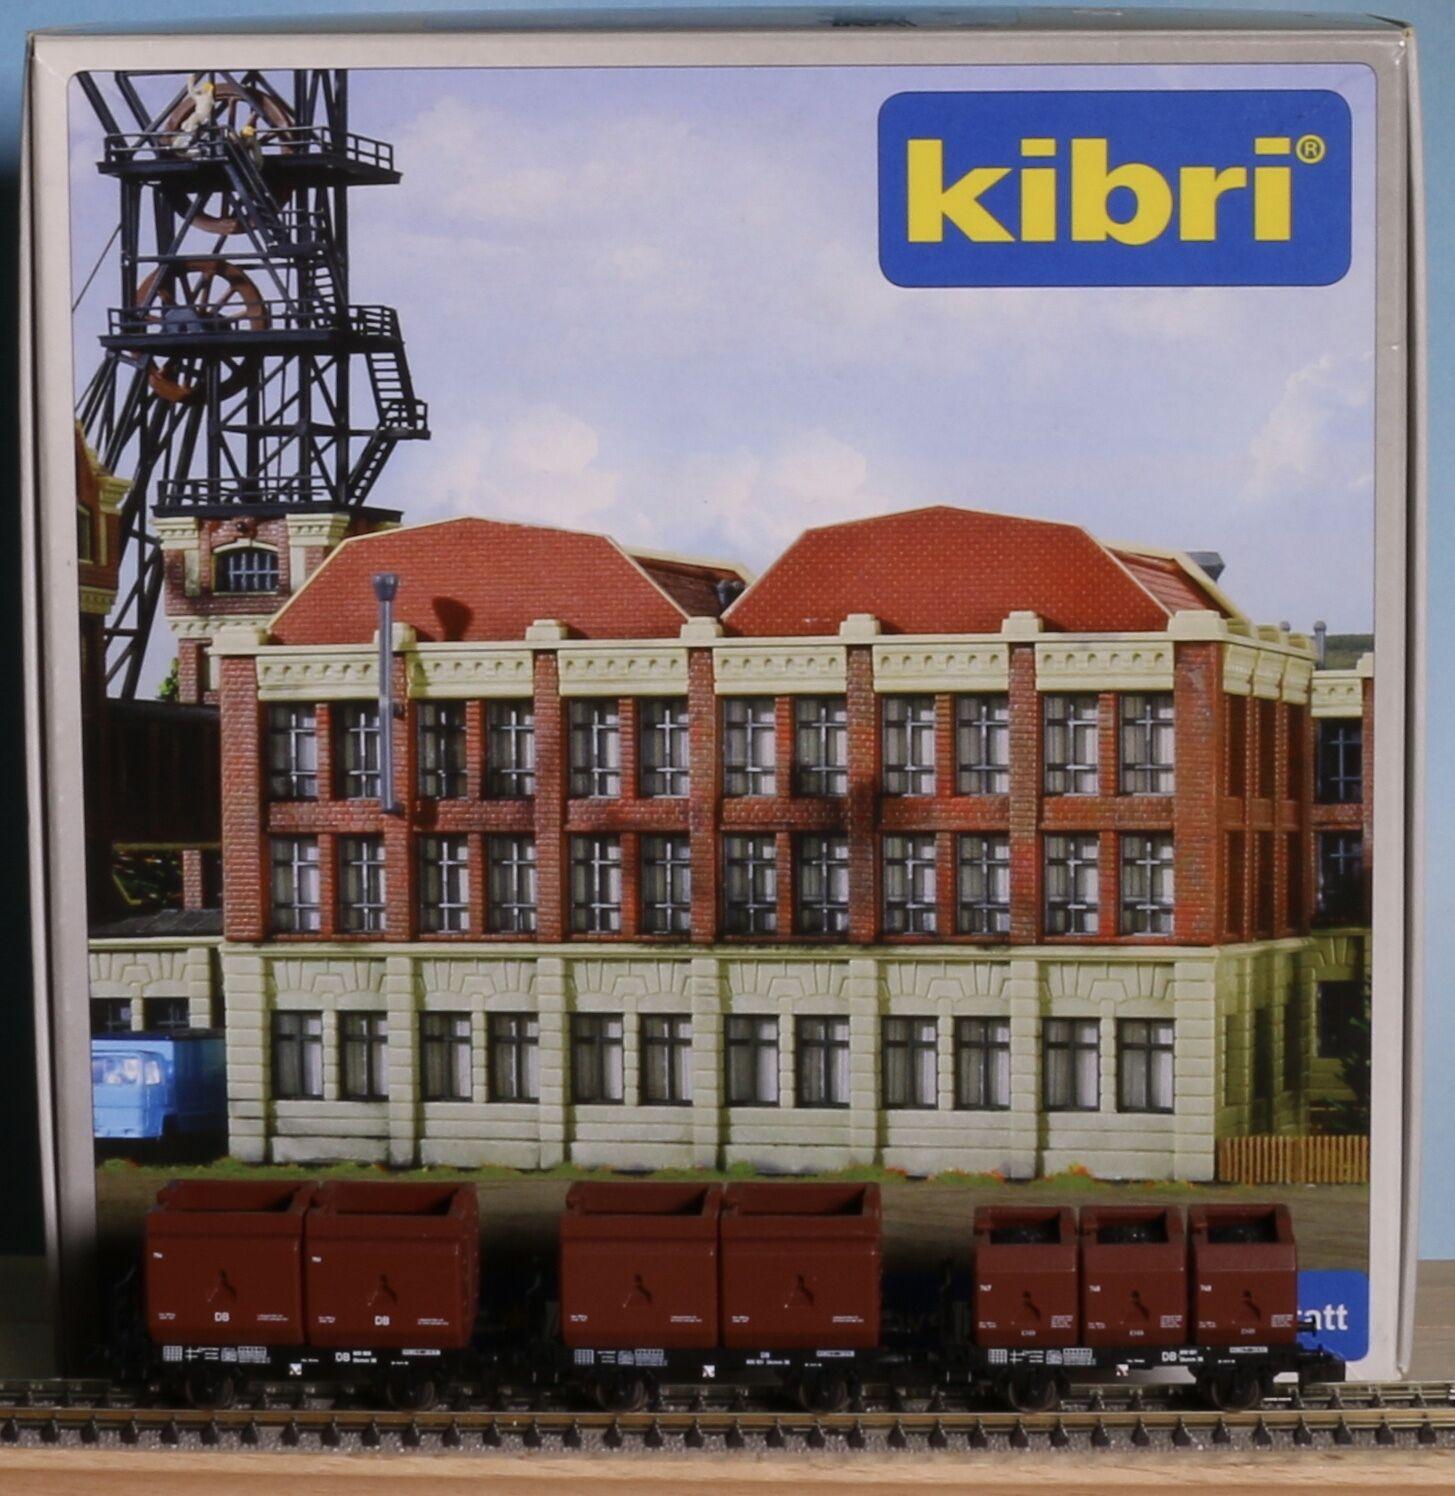 Kibri 37230, Traccia N, KIT miniere gestione e 3 NME coke Carrello portavasi, ep. 3